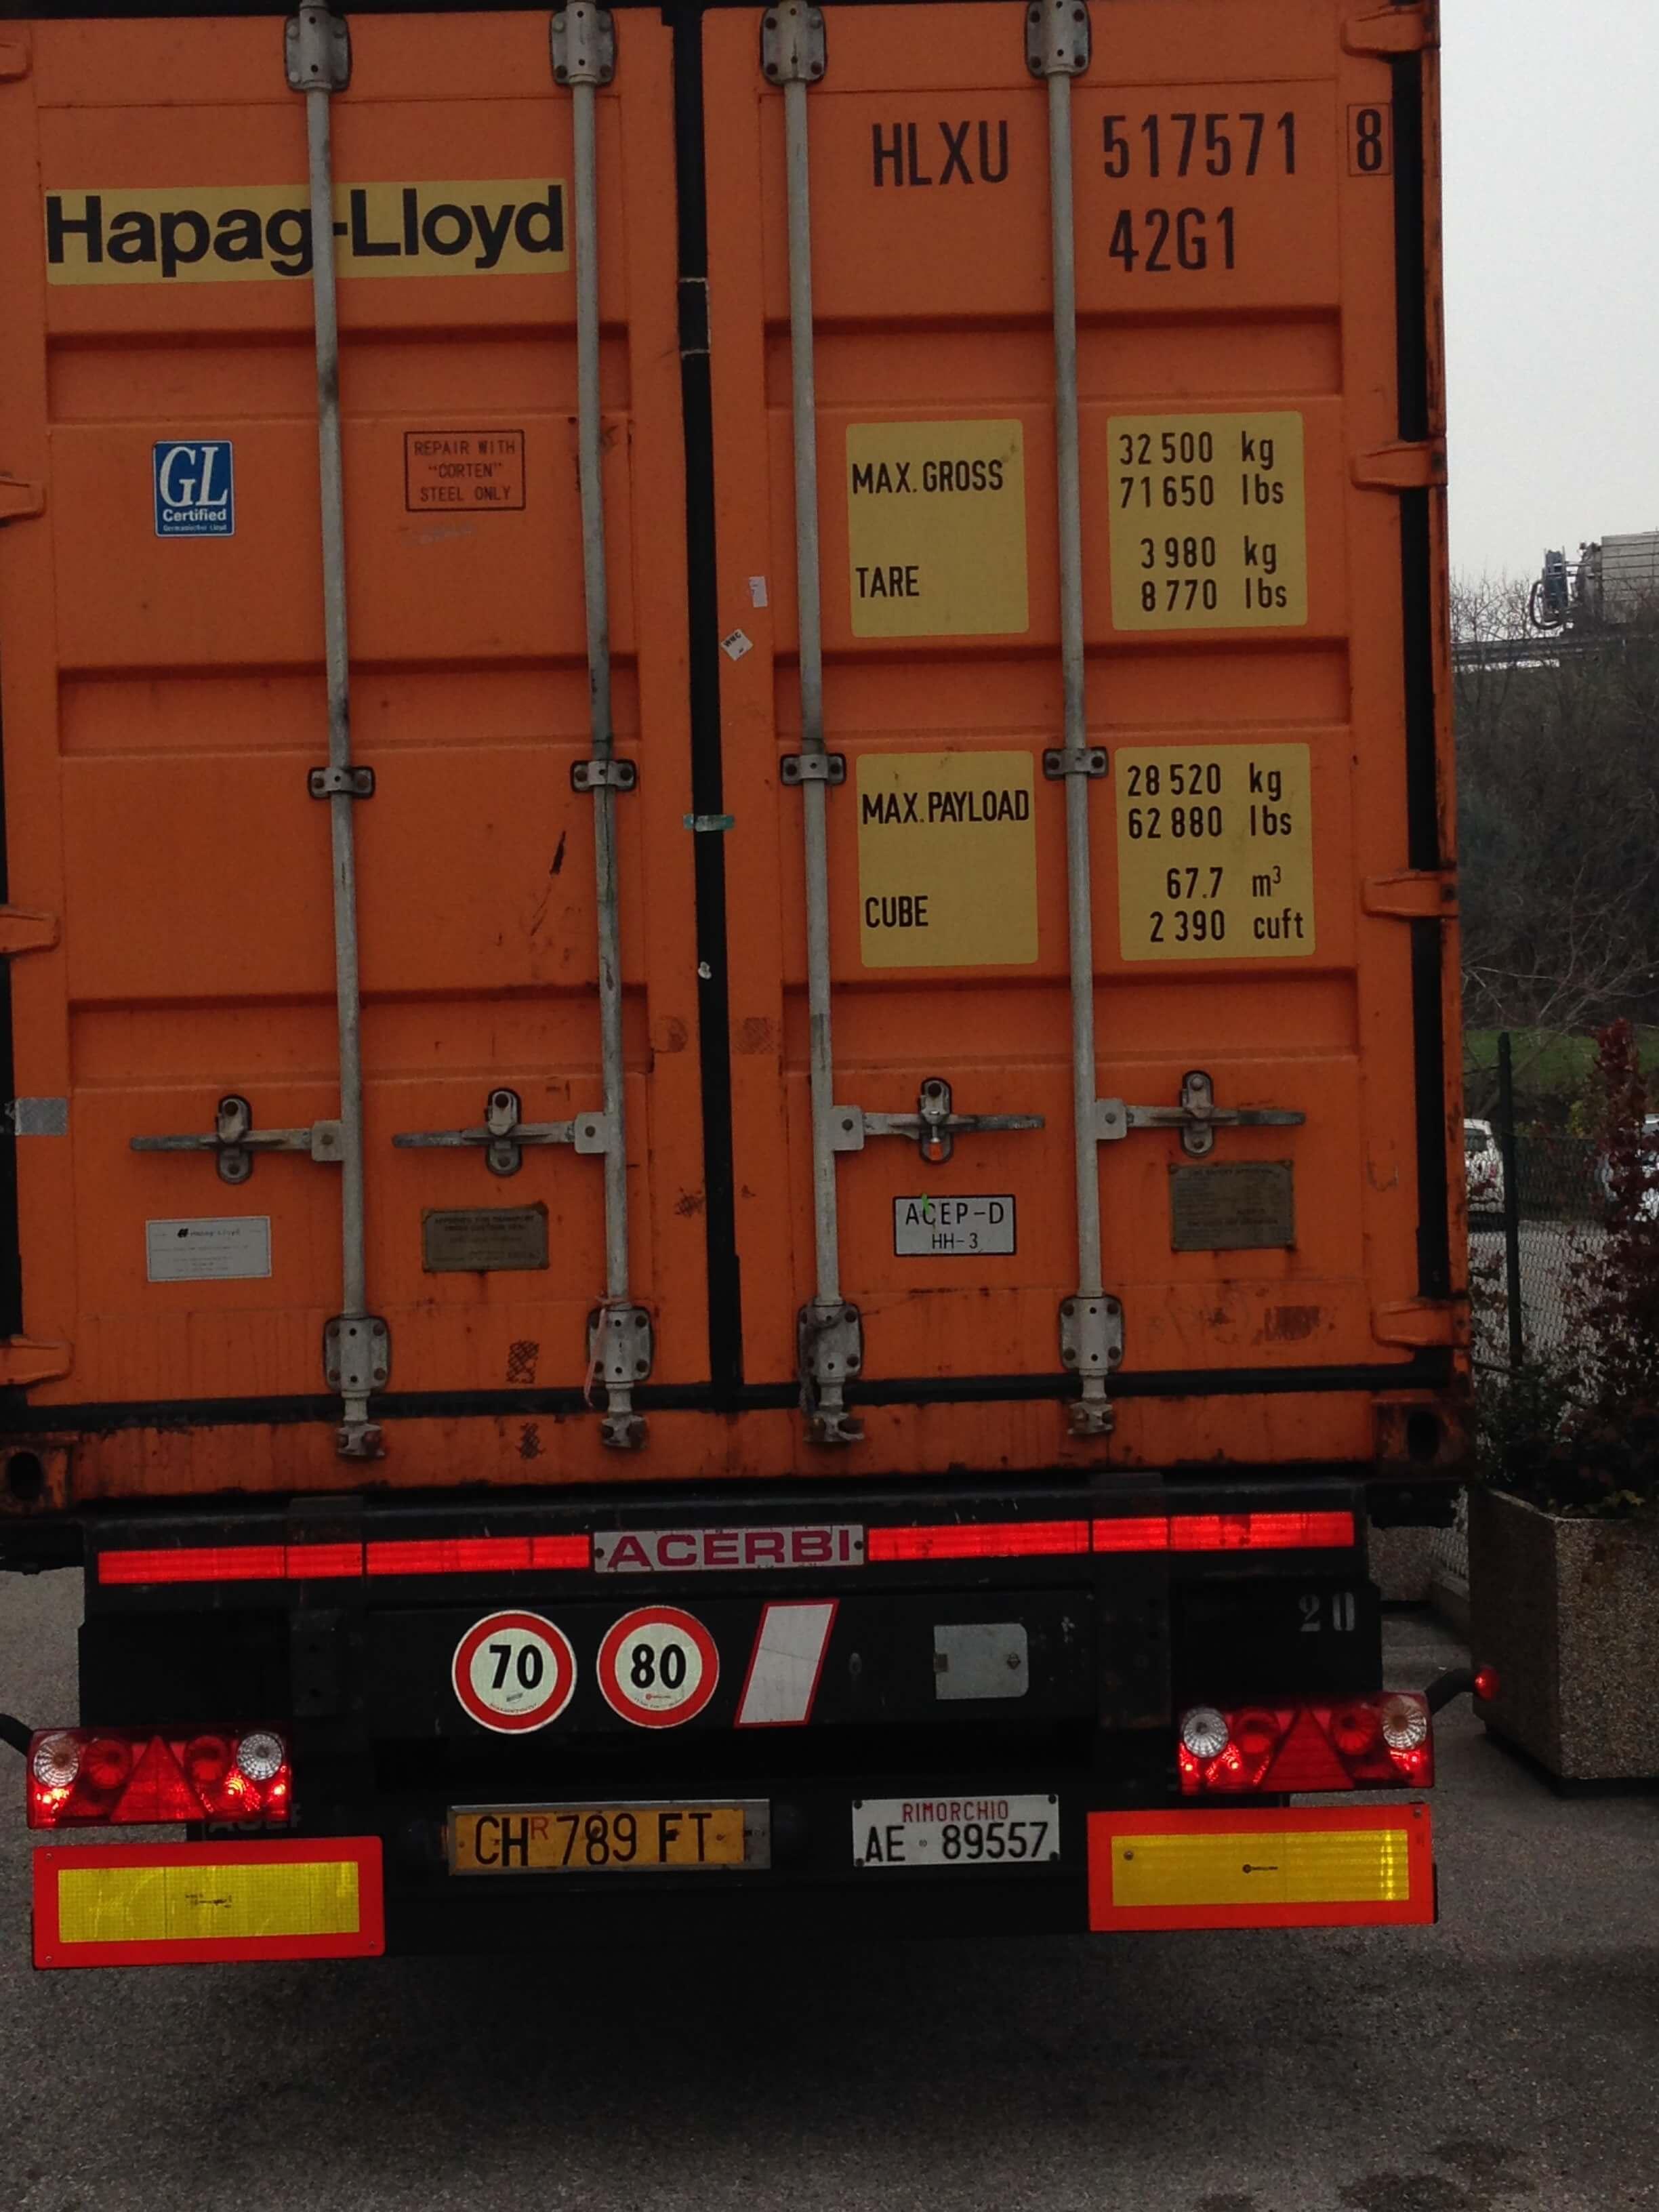 camion per i traslochi a Perugia